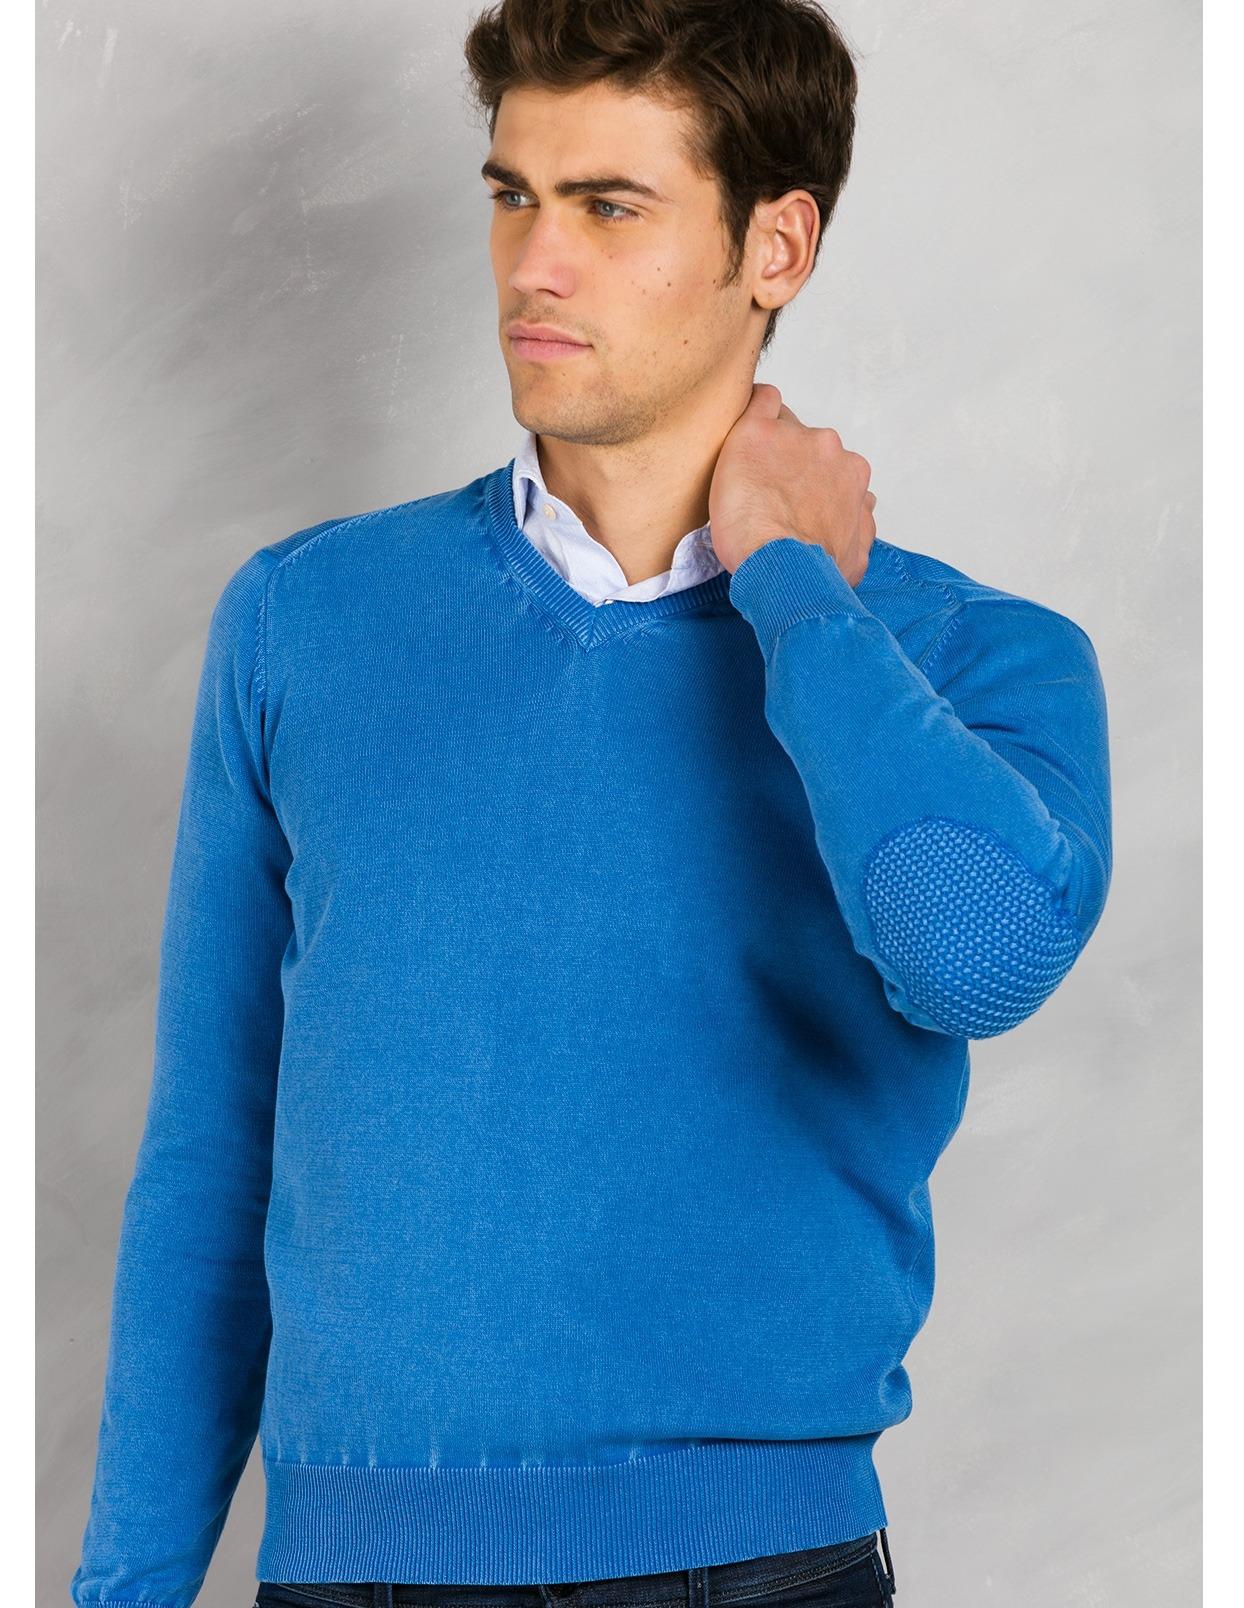 Jersey cuello pico color azulón con coderas, 100% Algodón. - Ítem1